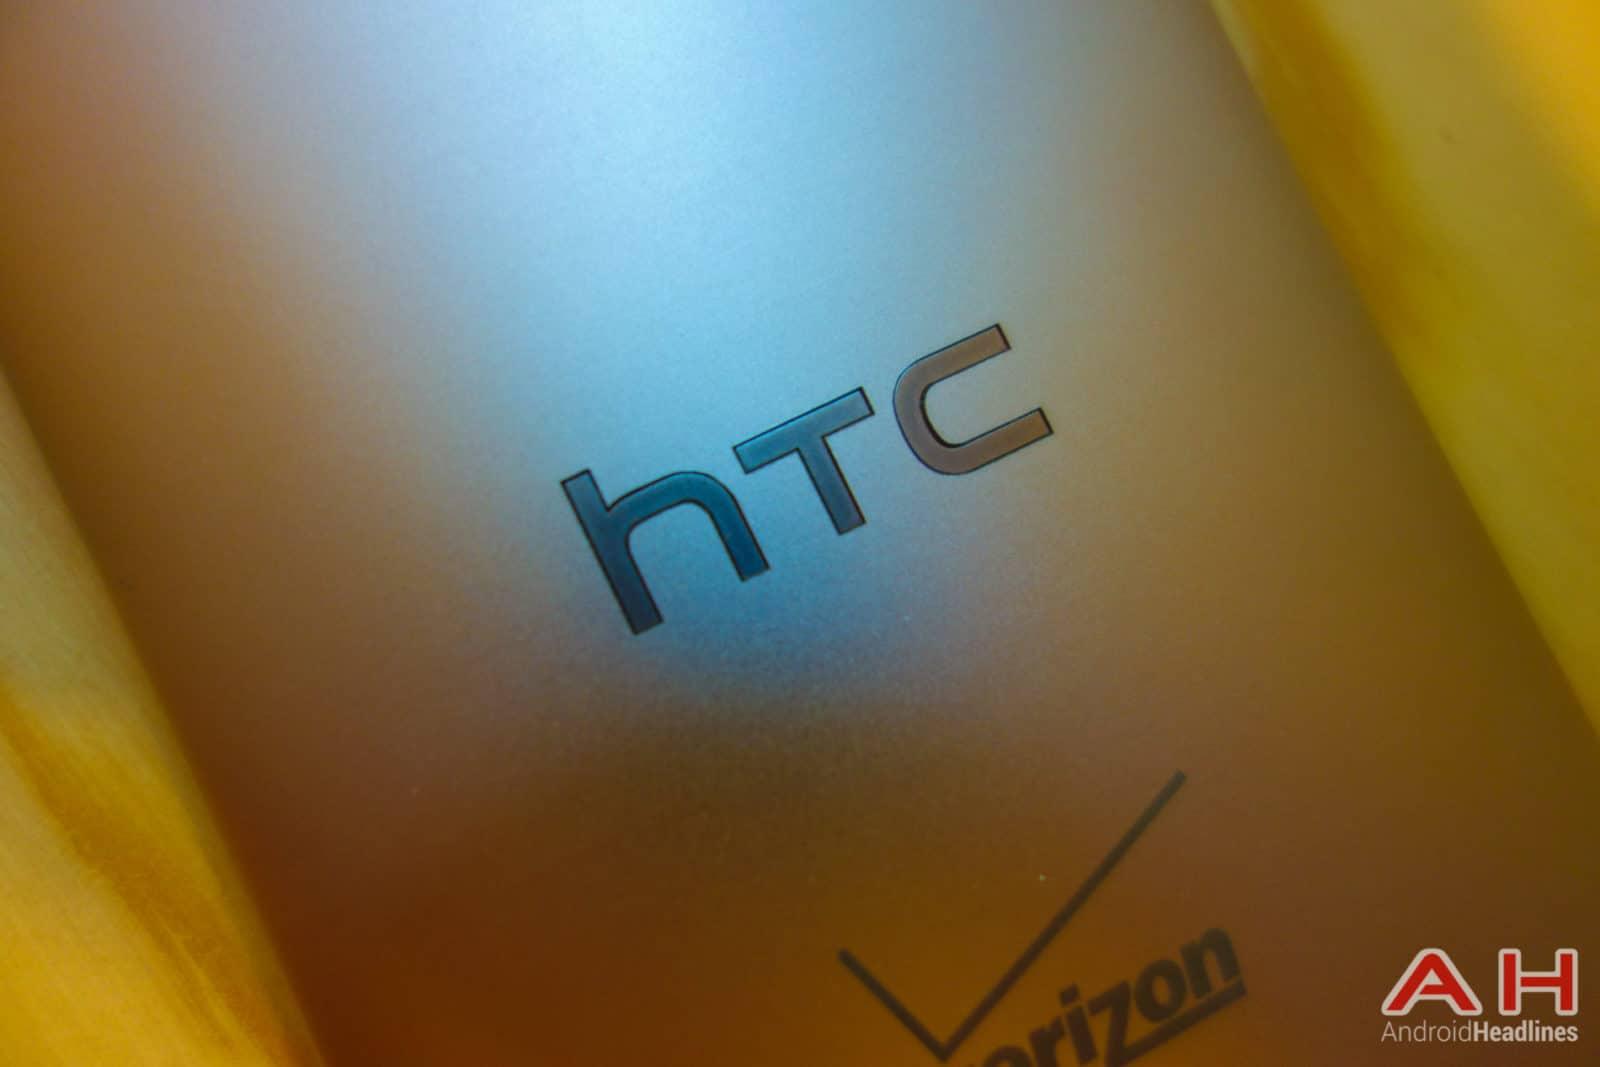 HTC-Logo-AH-1